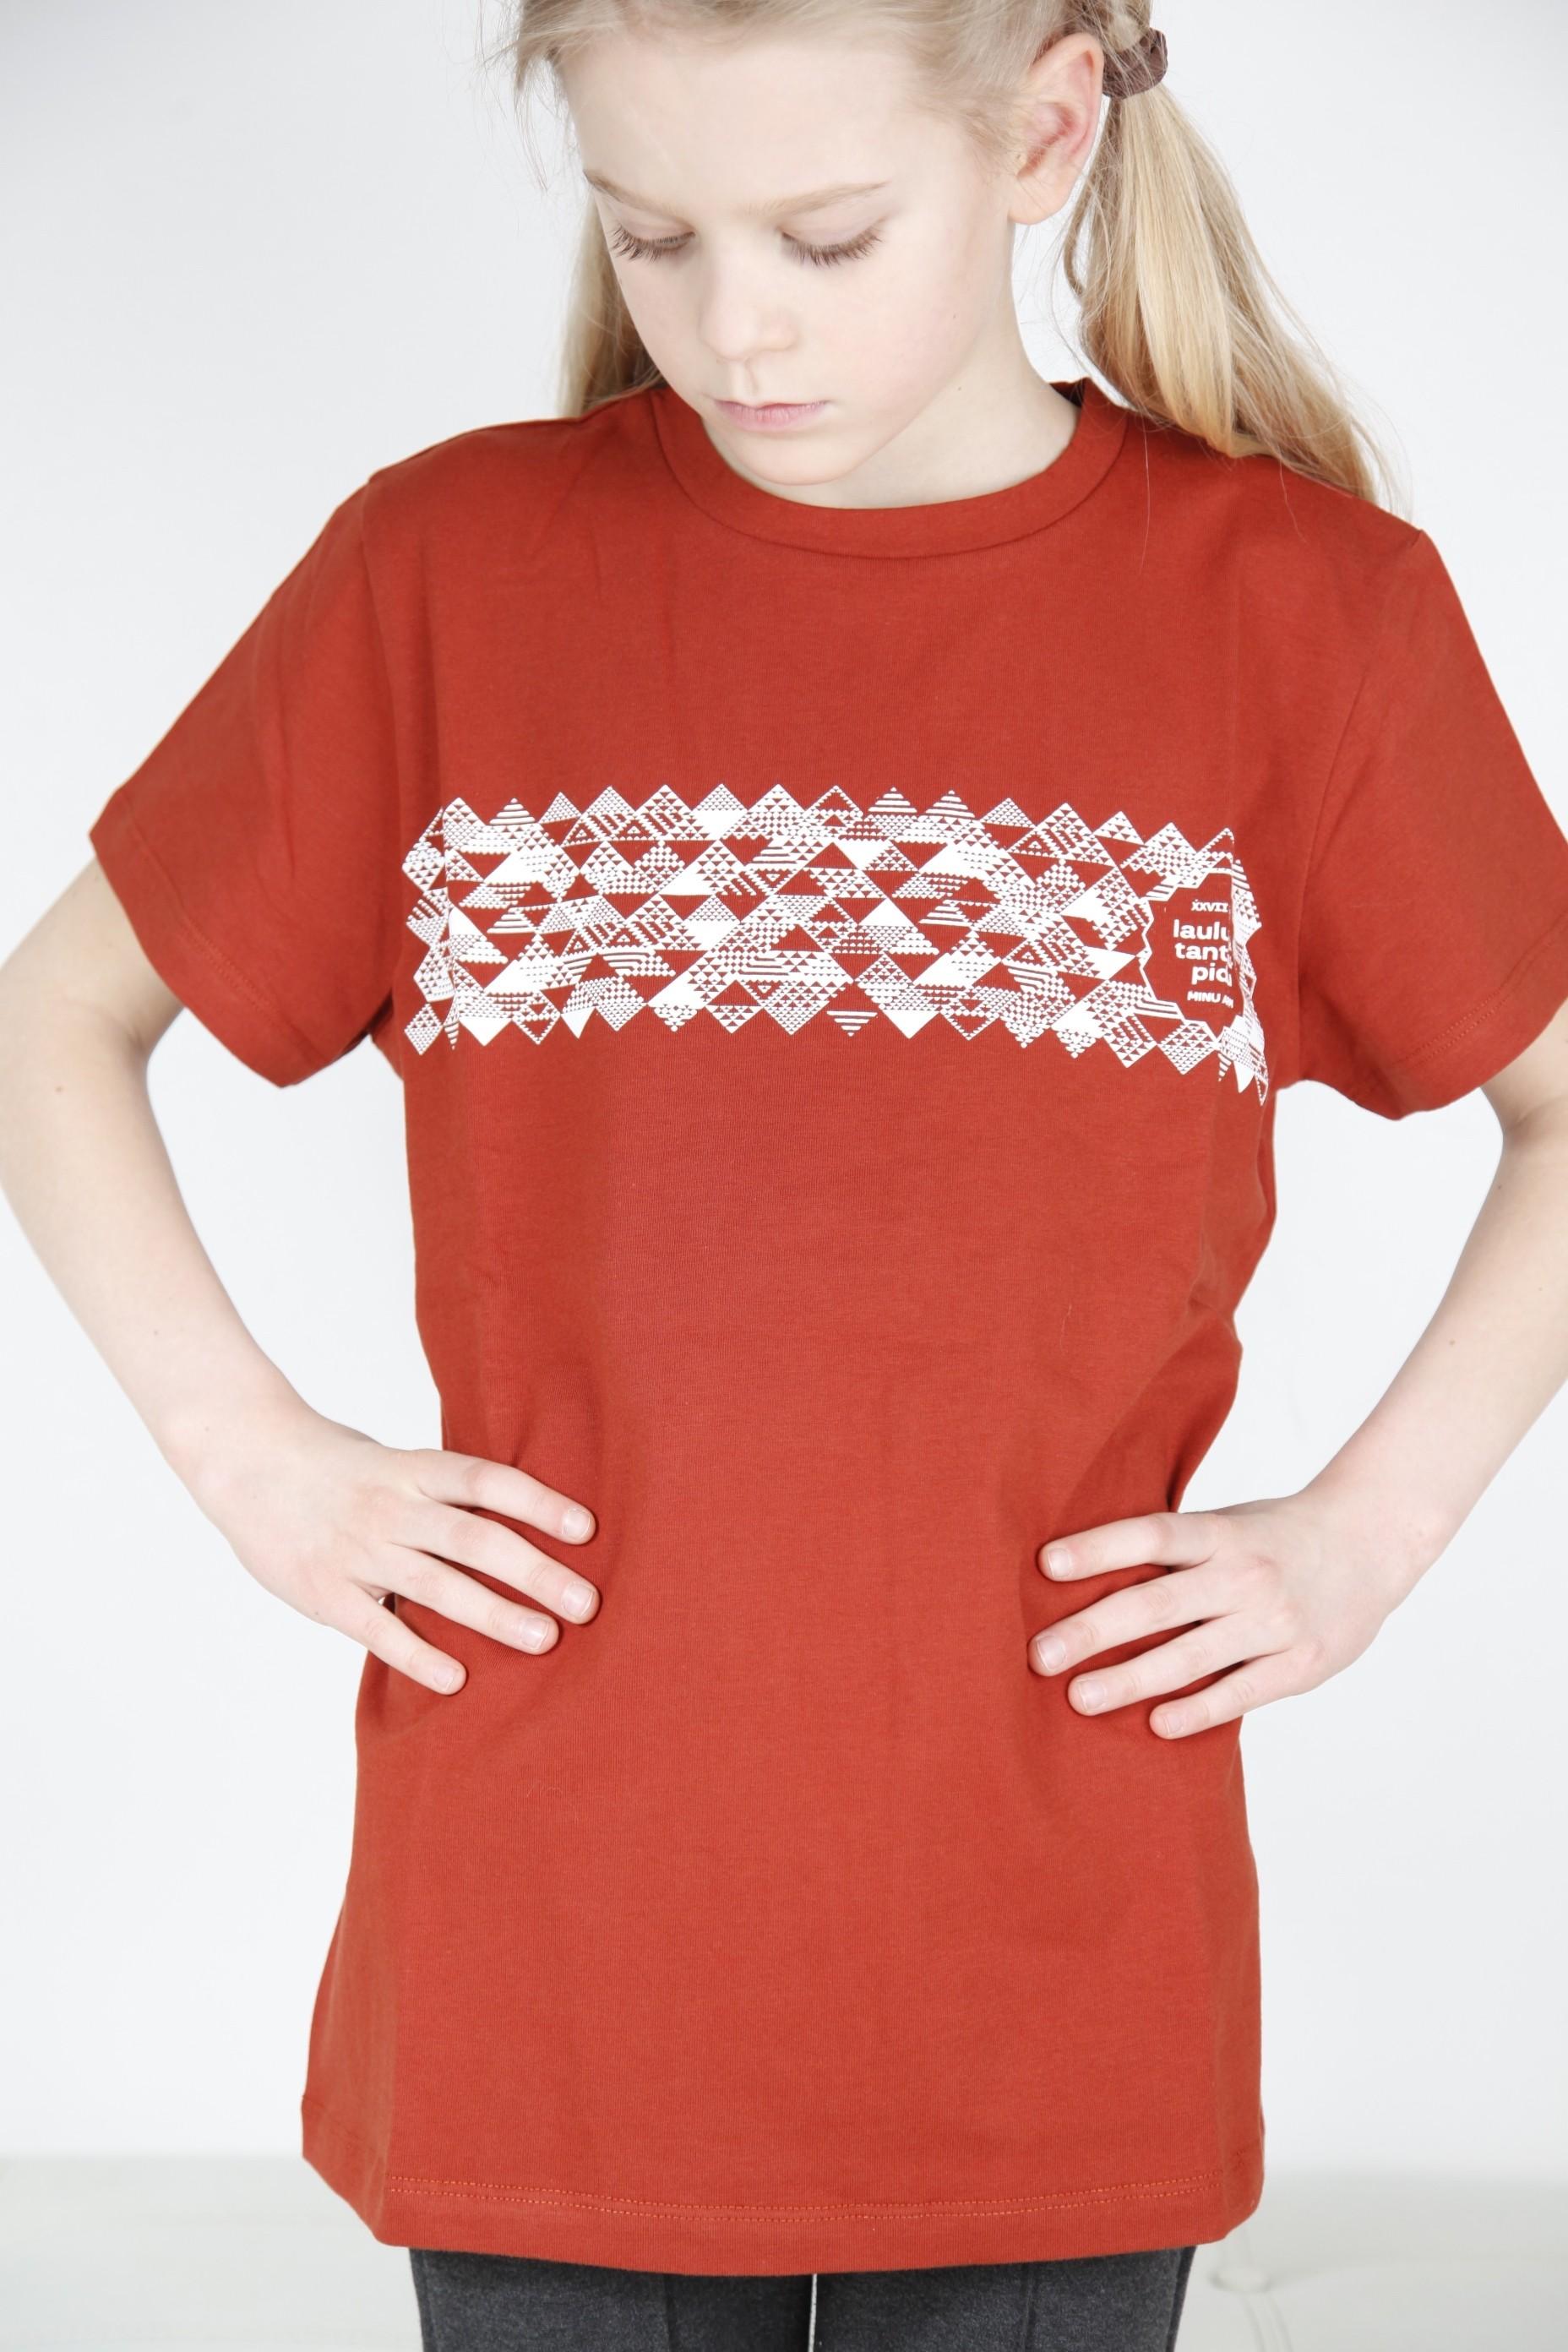 Детская футболка MUUSIKA (музыка), цвет: коричневый